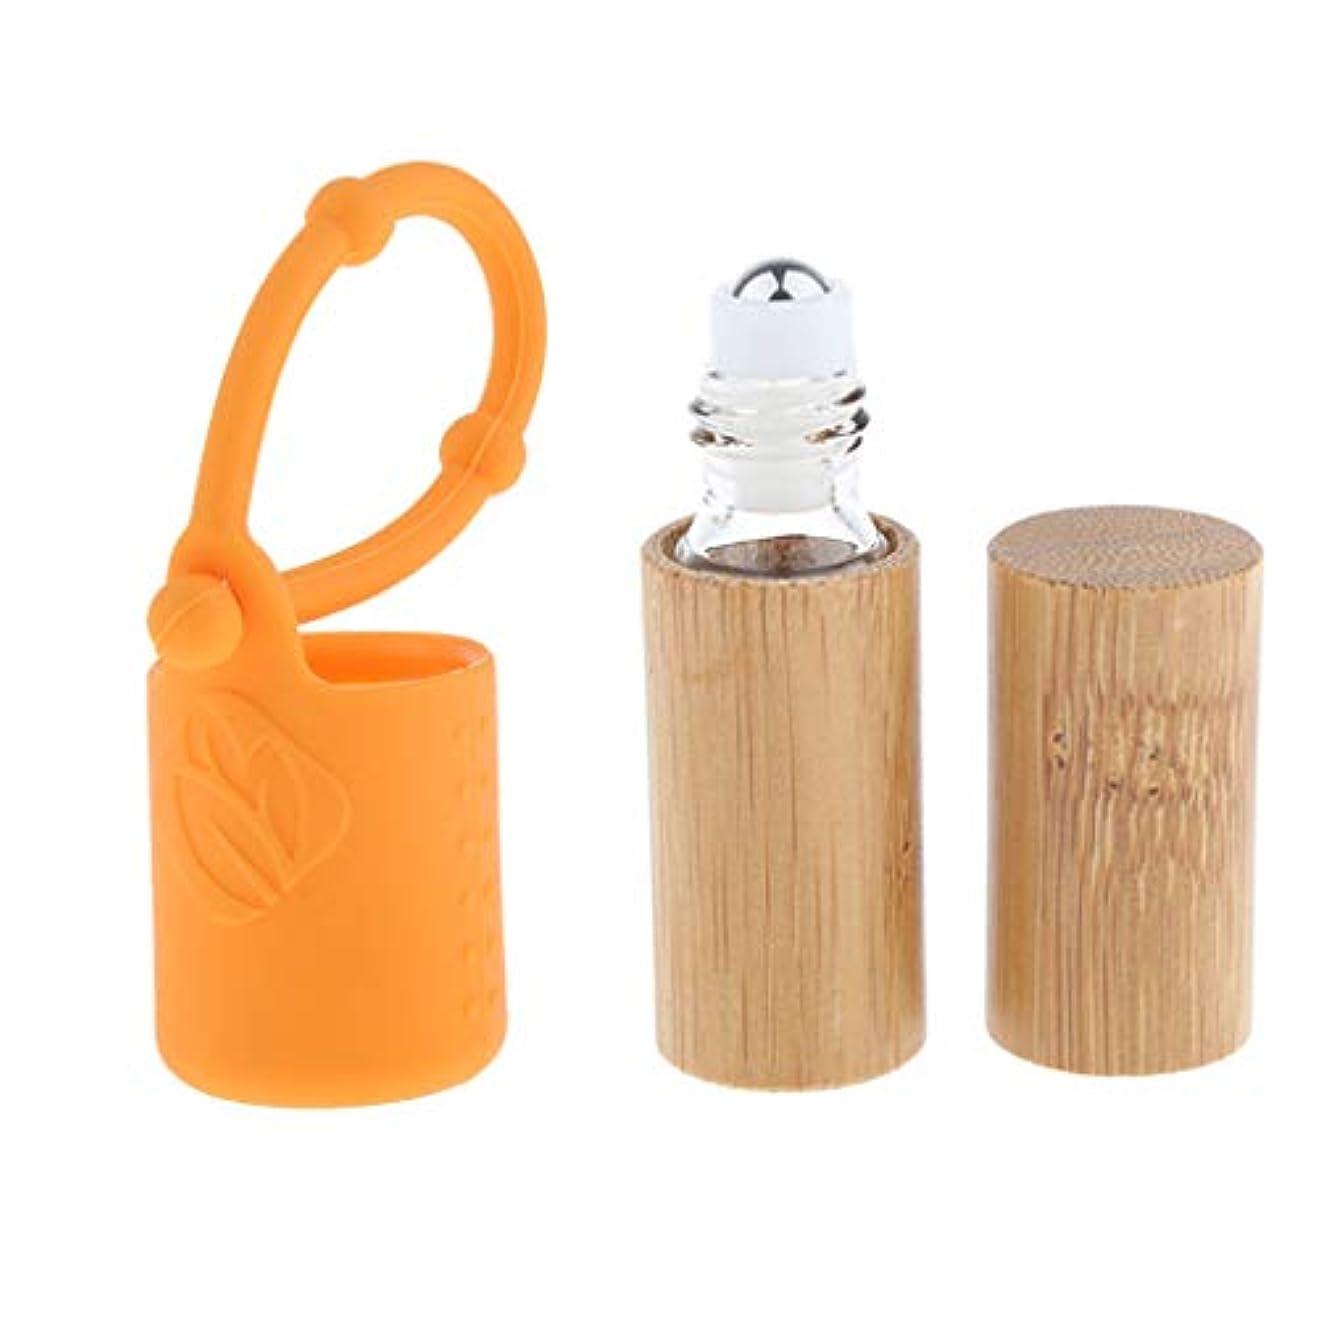 故障中既婚バルーンdailymall 竹詰め替え可能な空のエッセンシャルオイルメイクアップ5 Mlボトル+カバースリーブセット